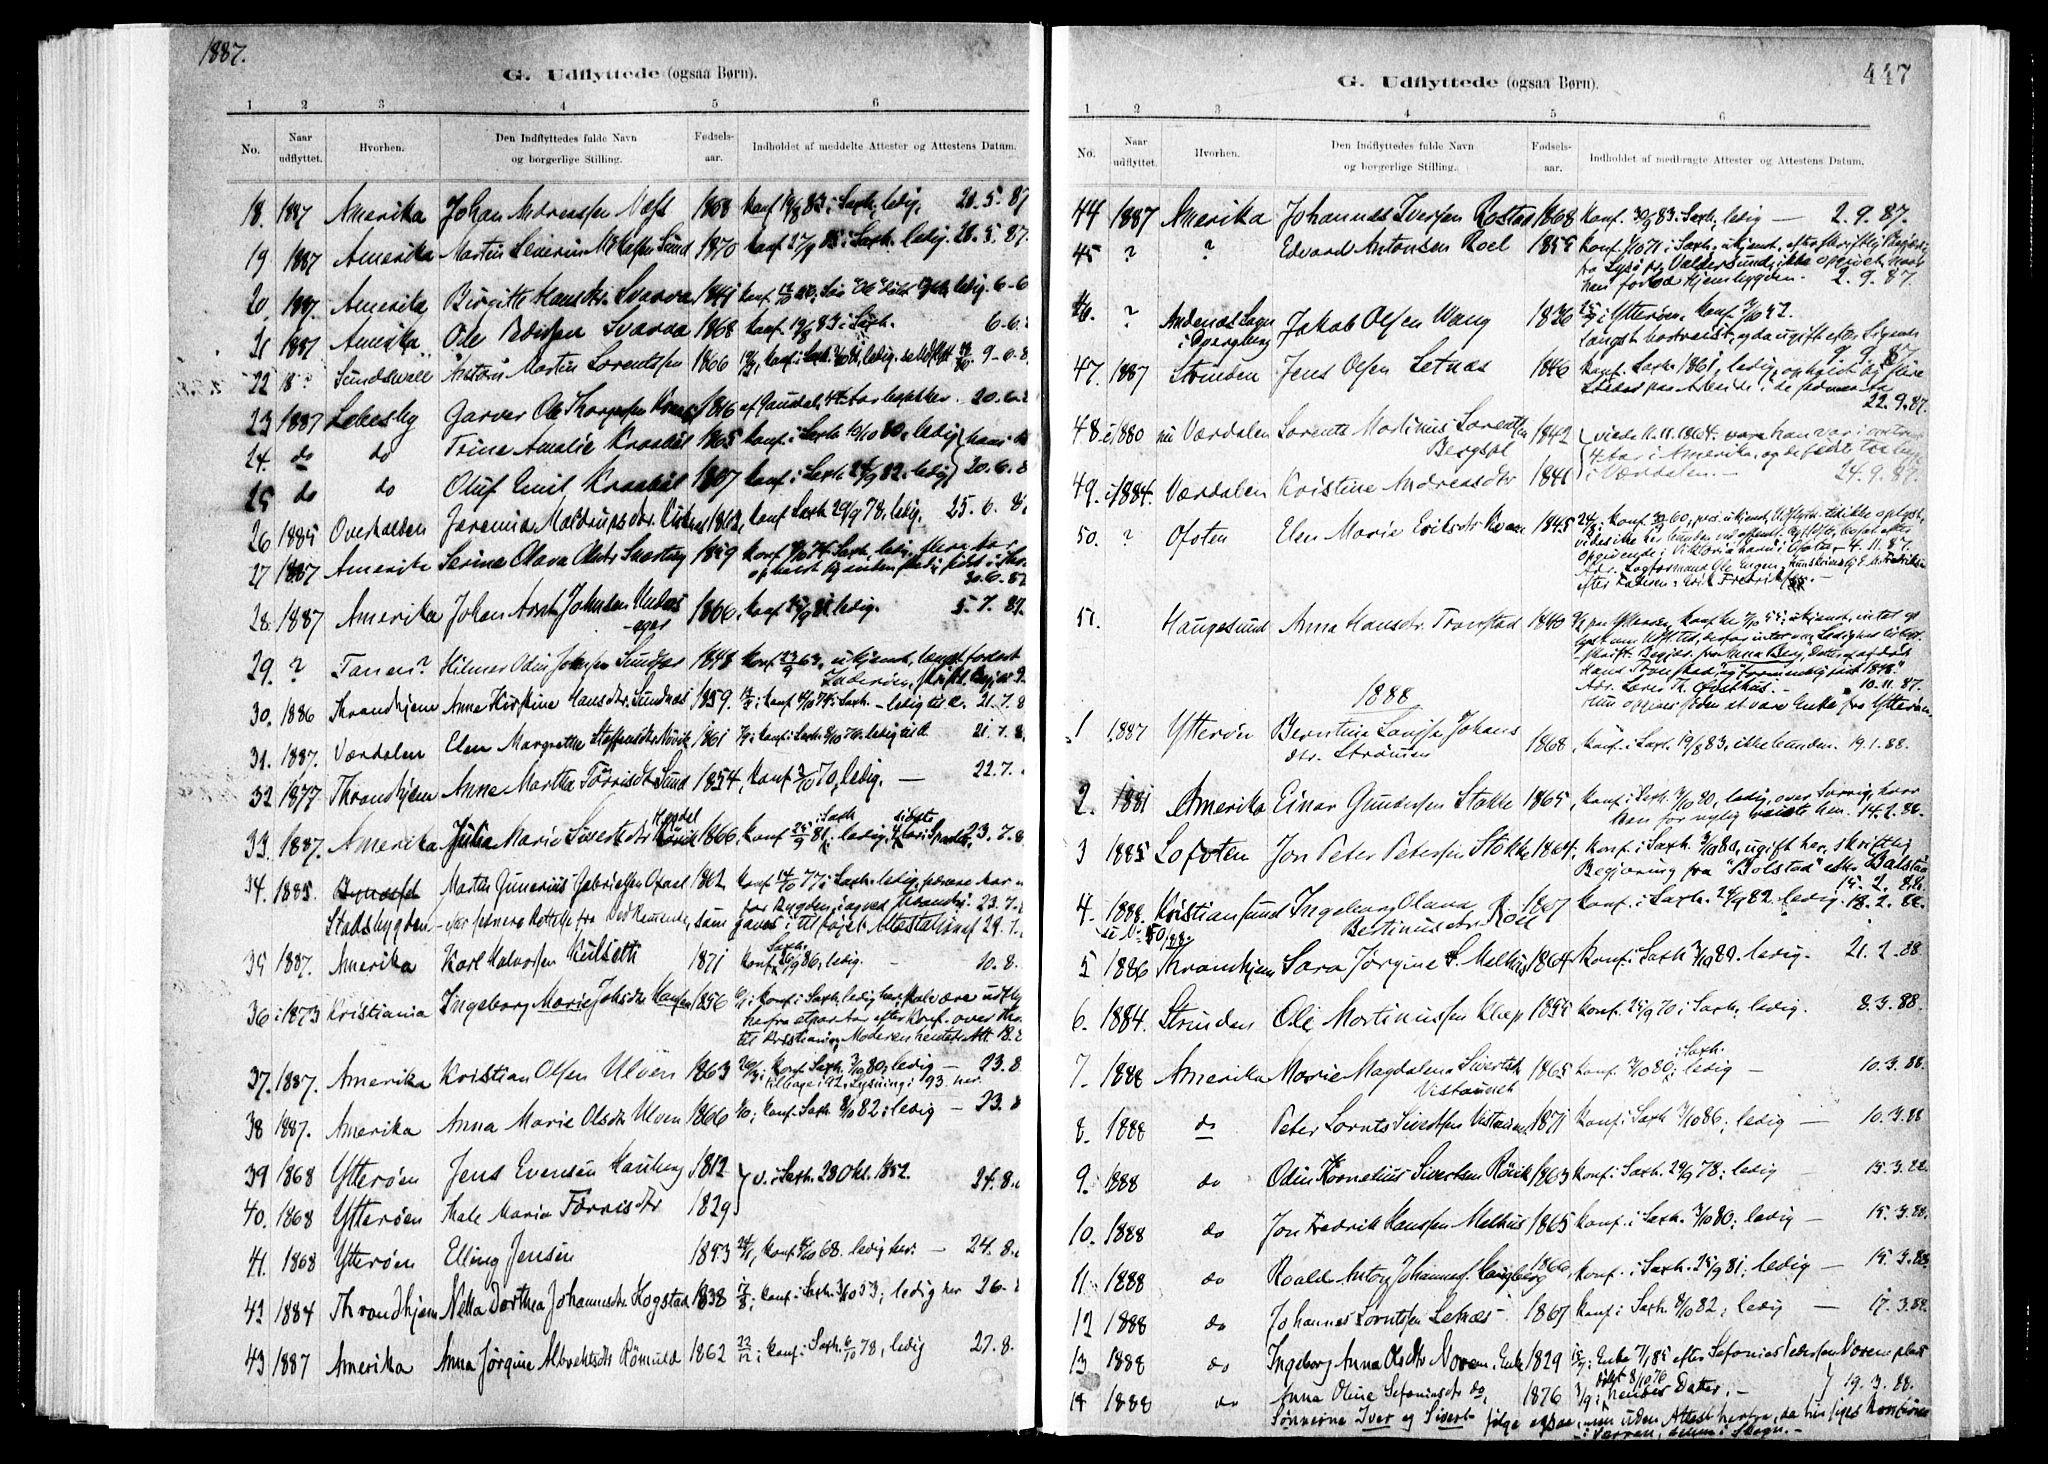 SAT, Ministerialprotokoller, klokkerbøker og fødselsregistre - Nord-Trøndelag, 730/L0285: Ministerialbok nr. 730A10, 1879-1914, s. 447